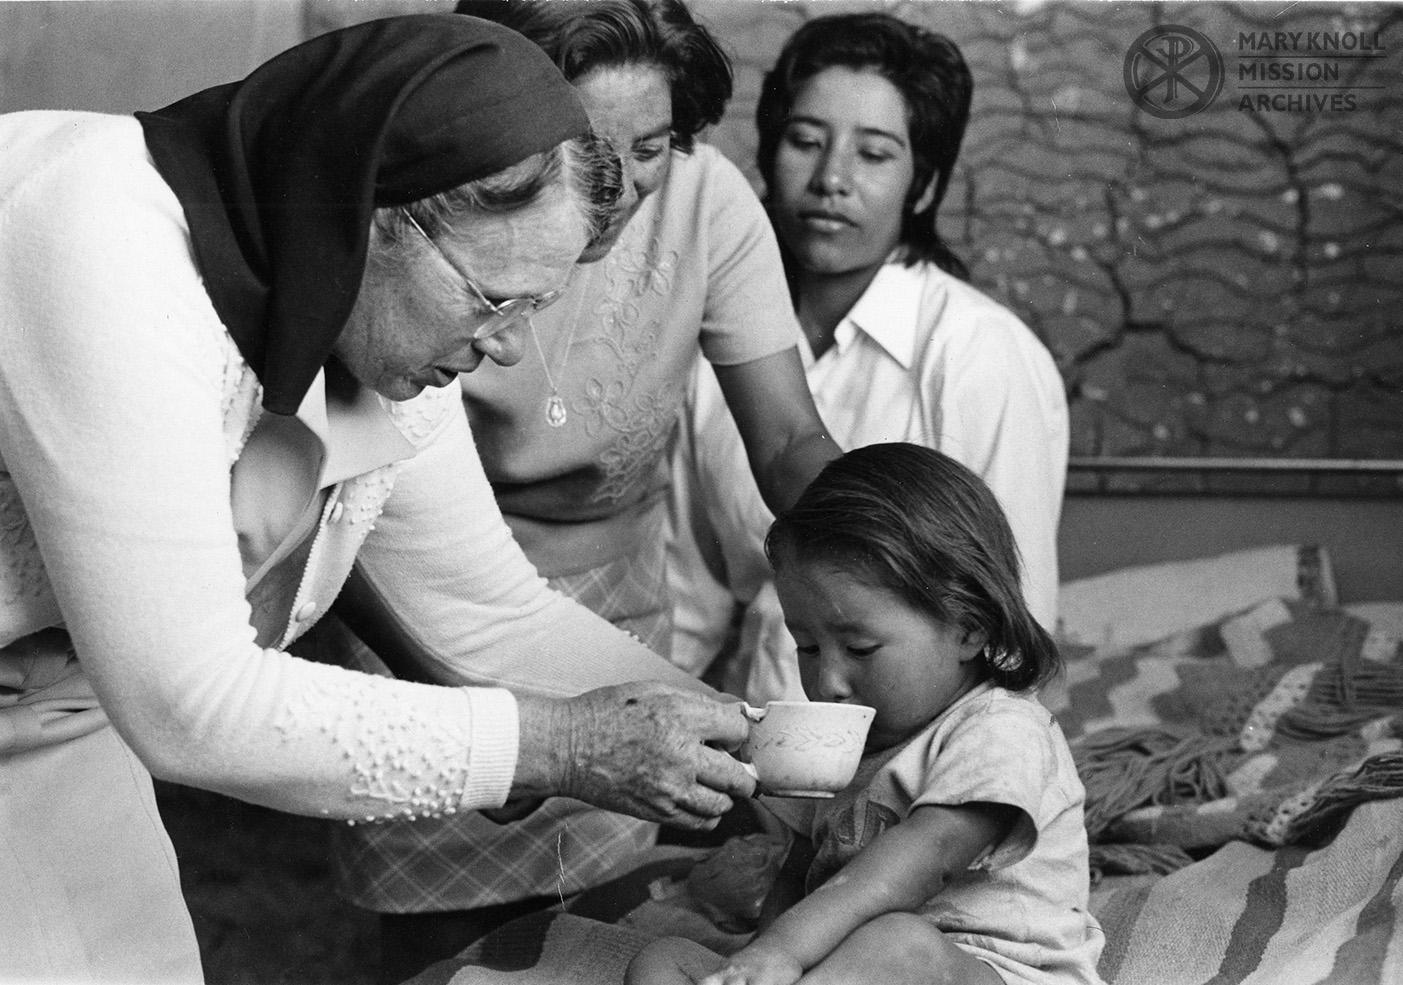 Sister Elizabeth Ann Altman with a child, Bolivia